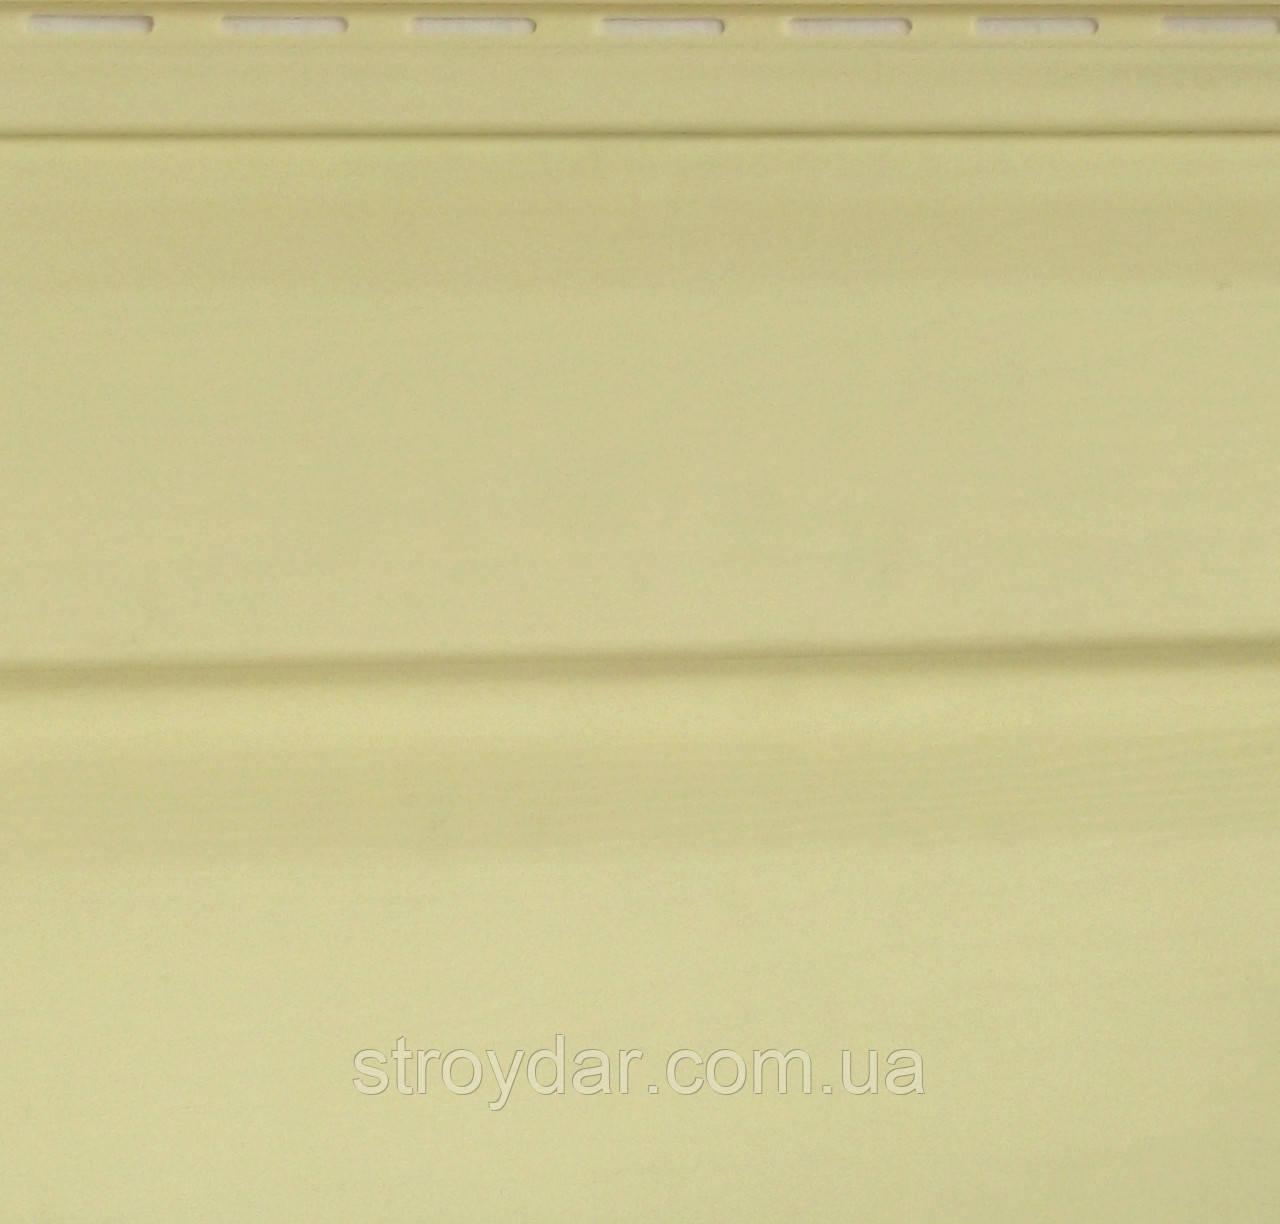 Вініловий сайдинг Альта-Профіль Лимонний колекція Ангара